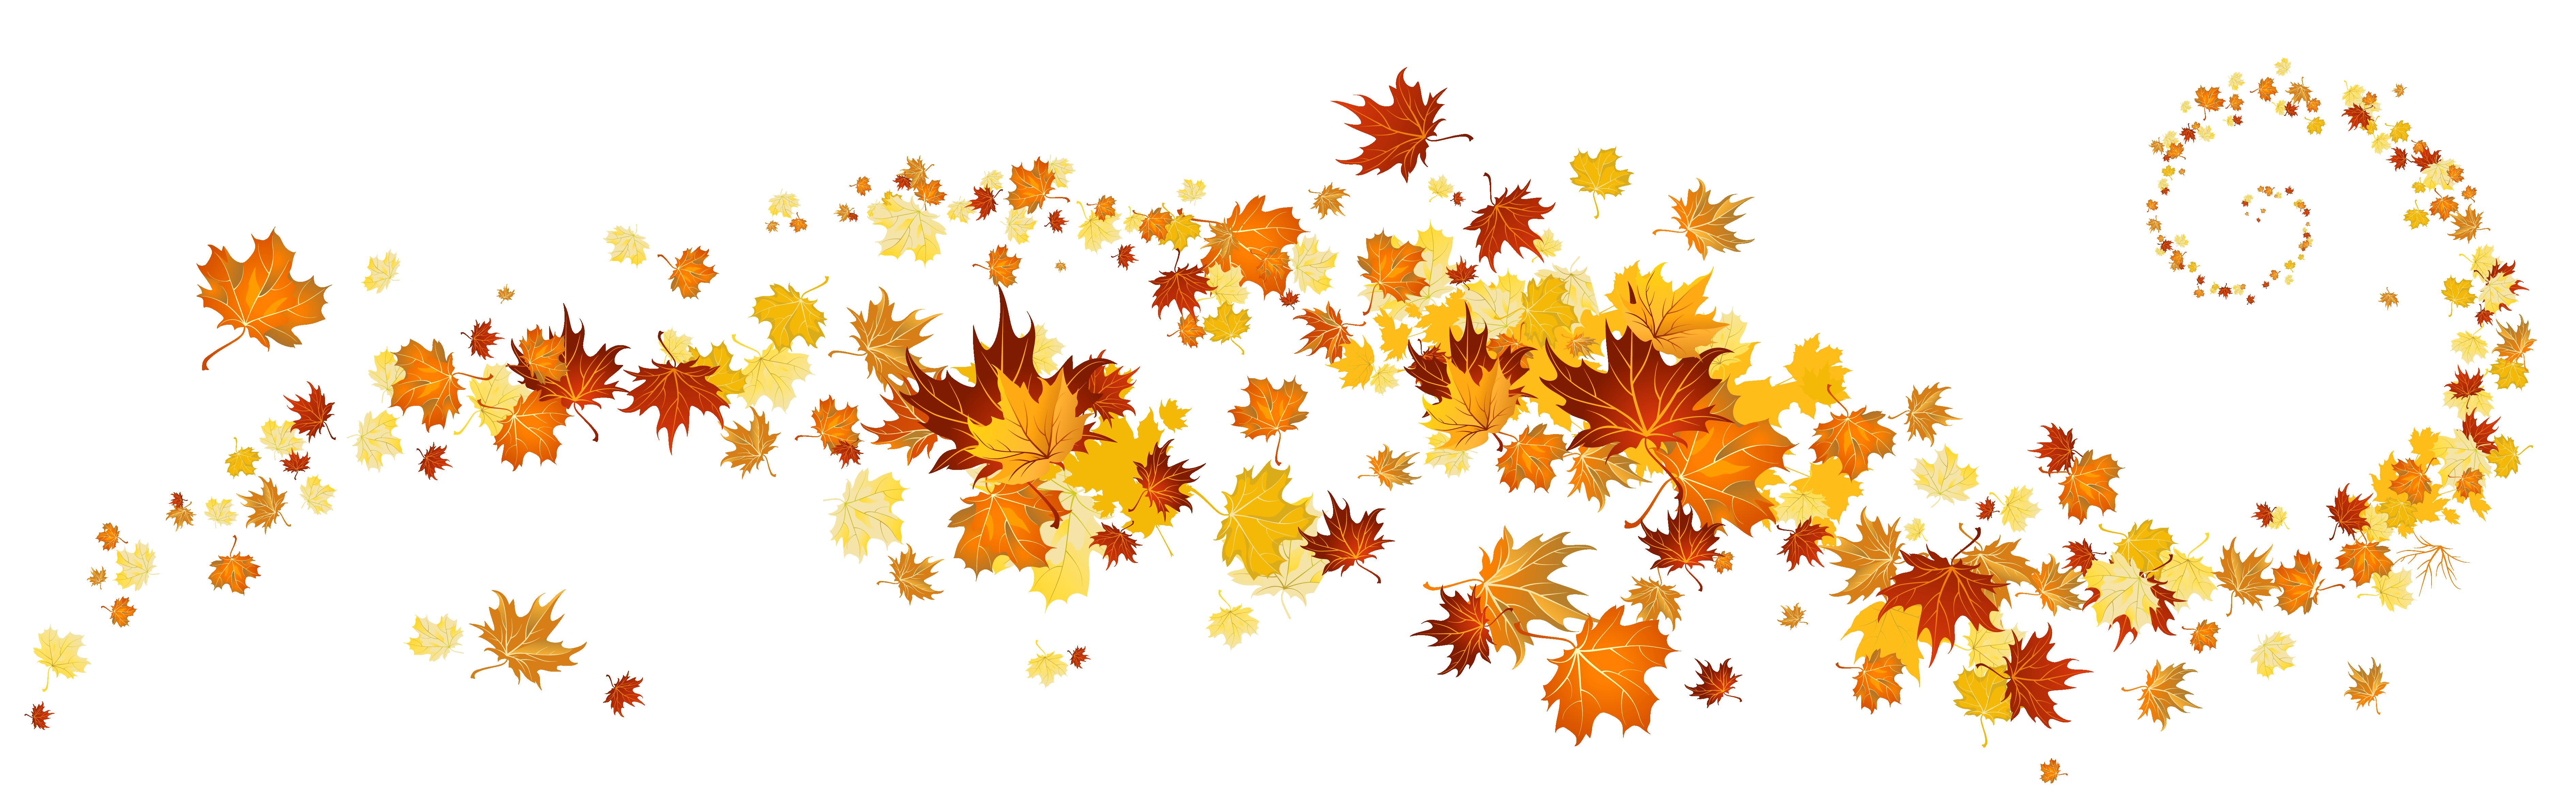 Autumn fall clipart.